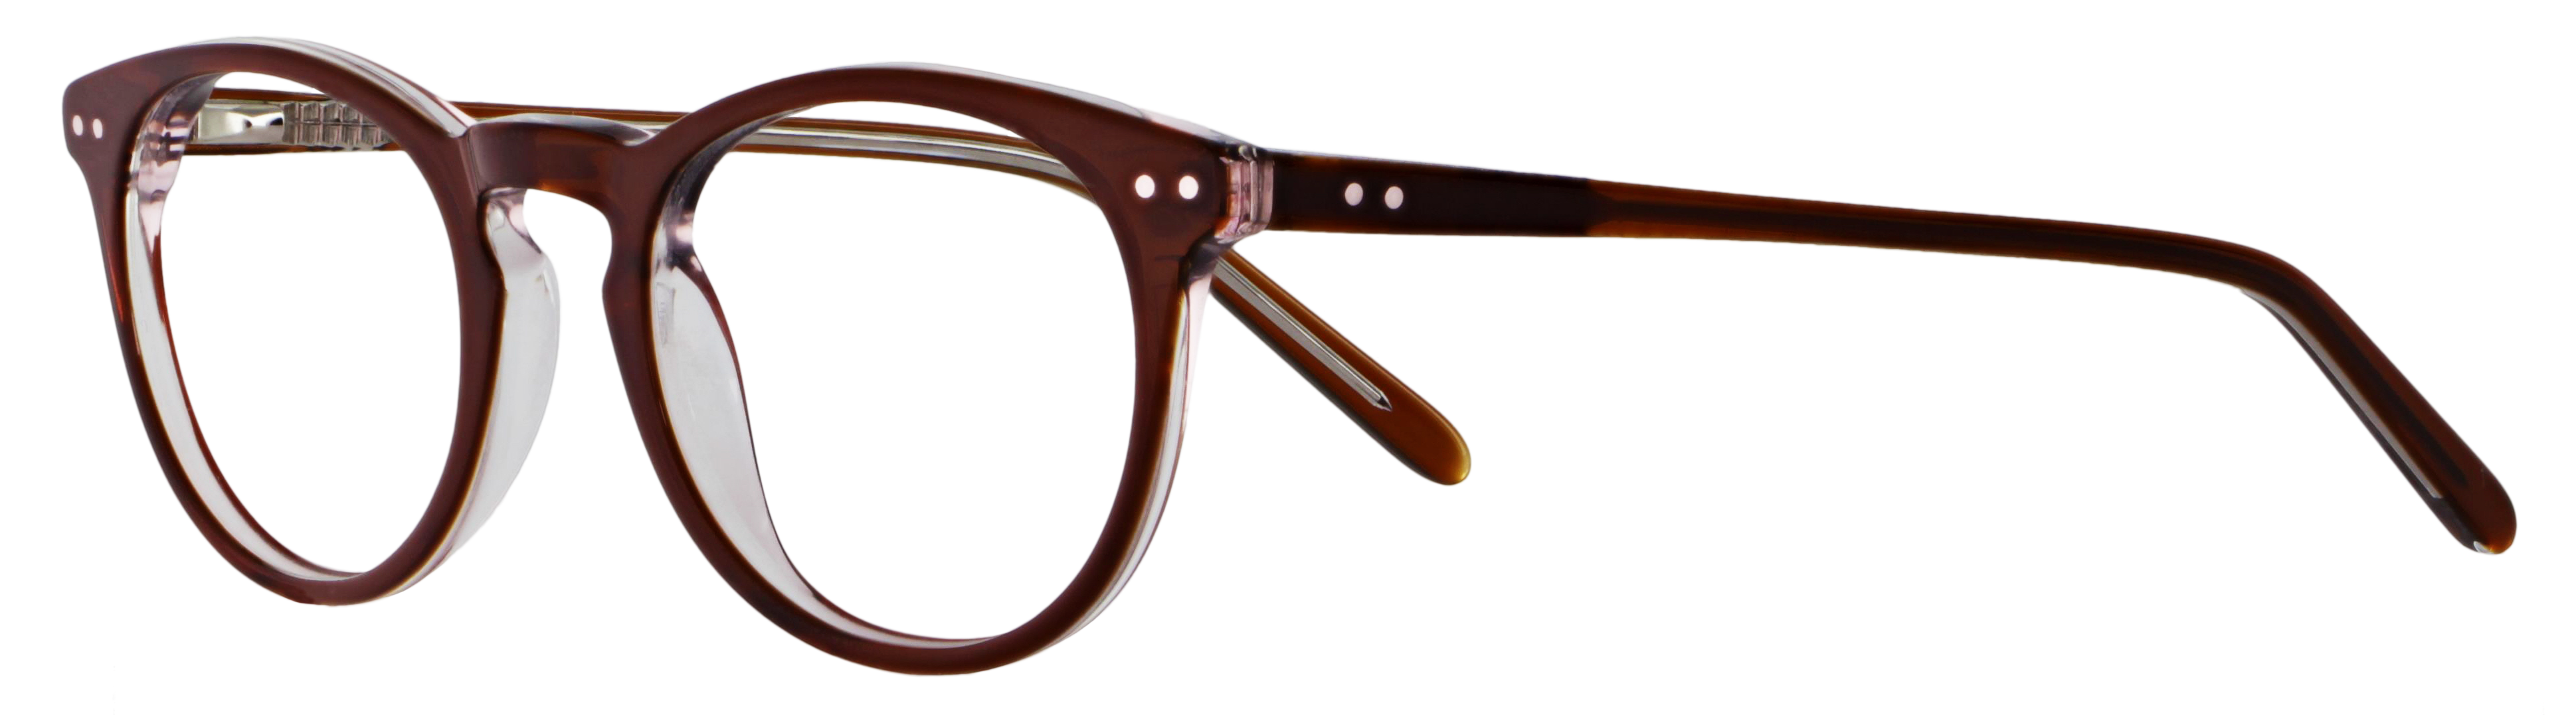 abele optik Brille 139661